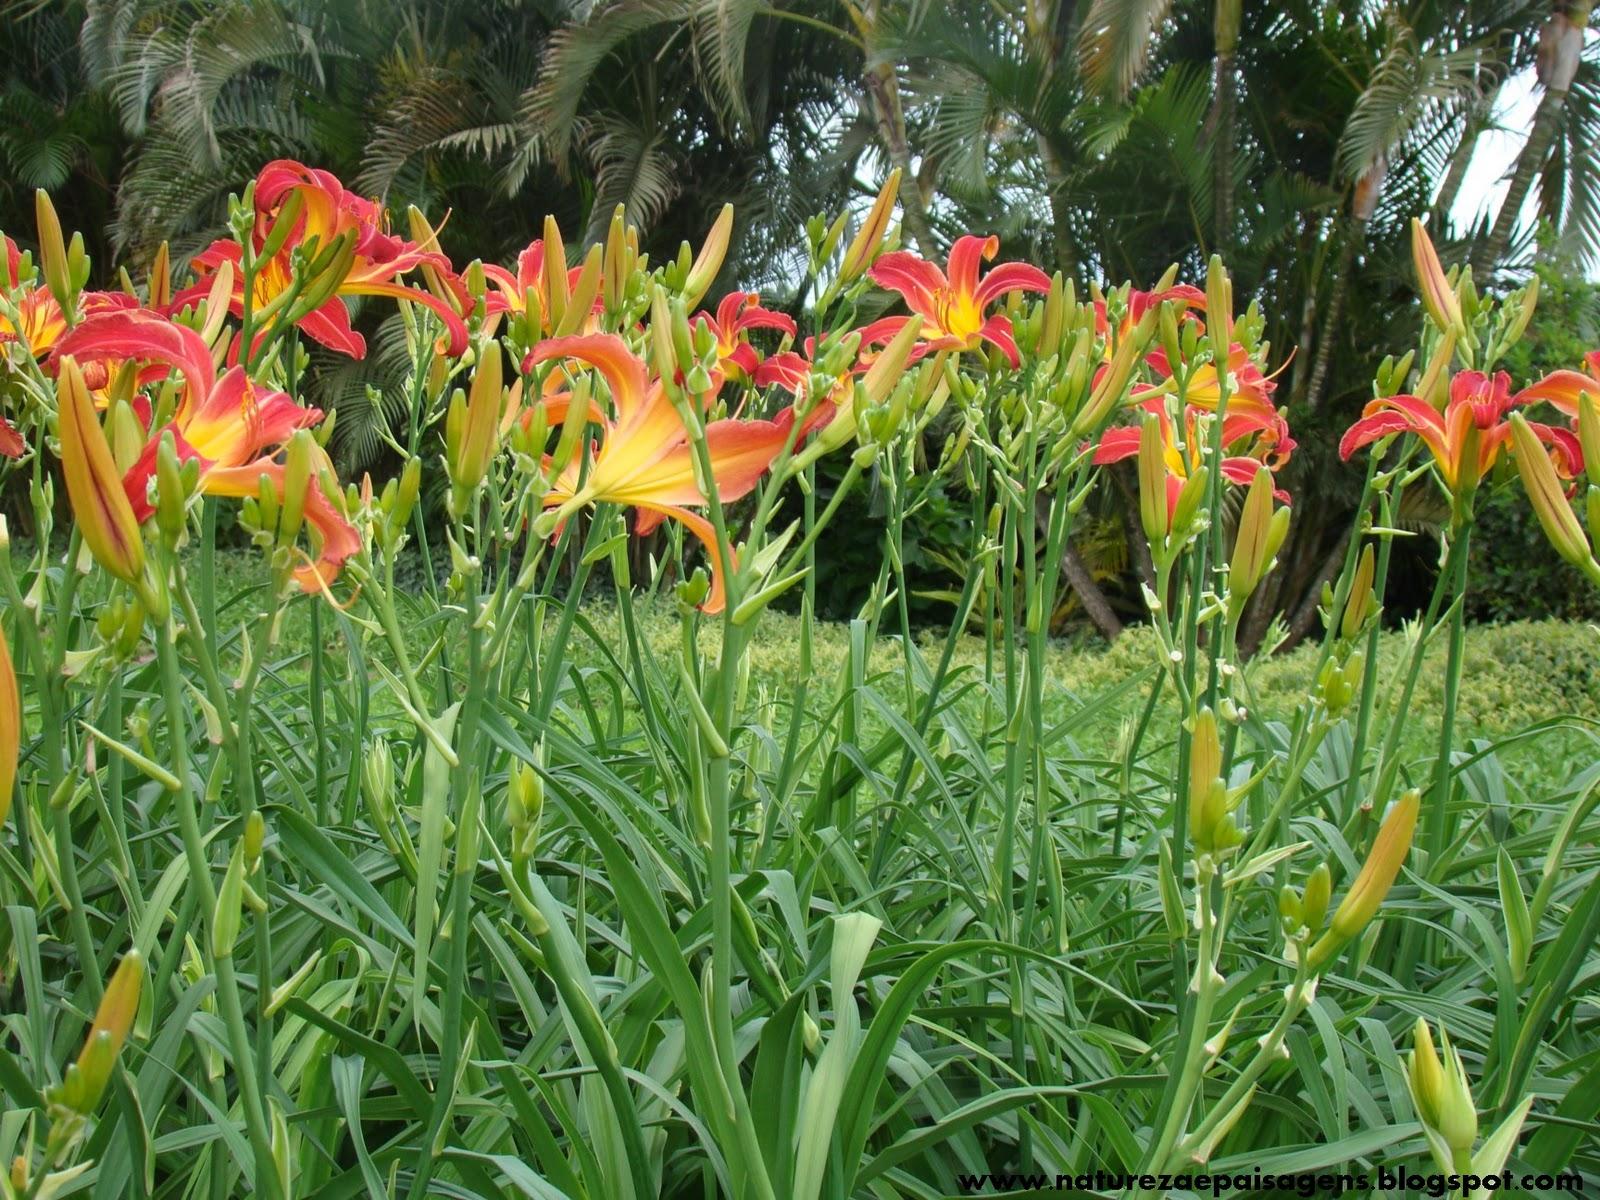 pedras para jardim joinville: de cores. As flores são batizadas com nomes de mulheres (Daniela